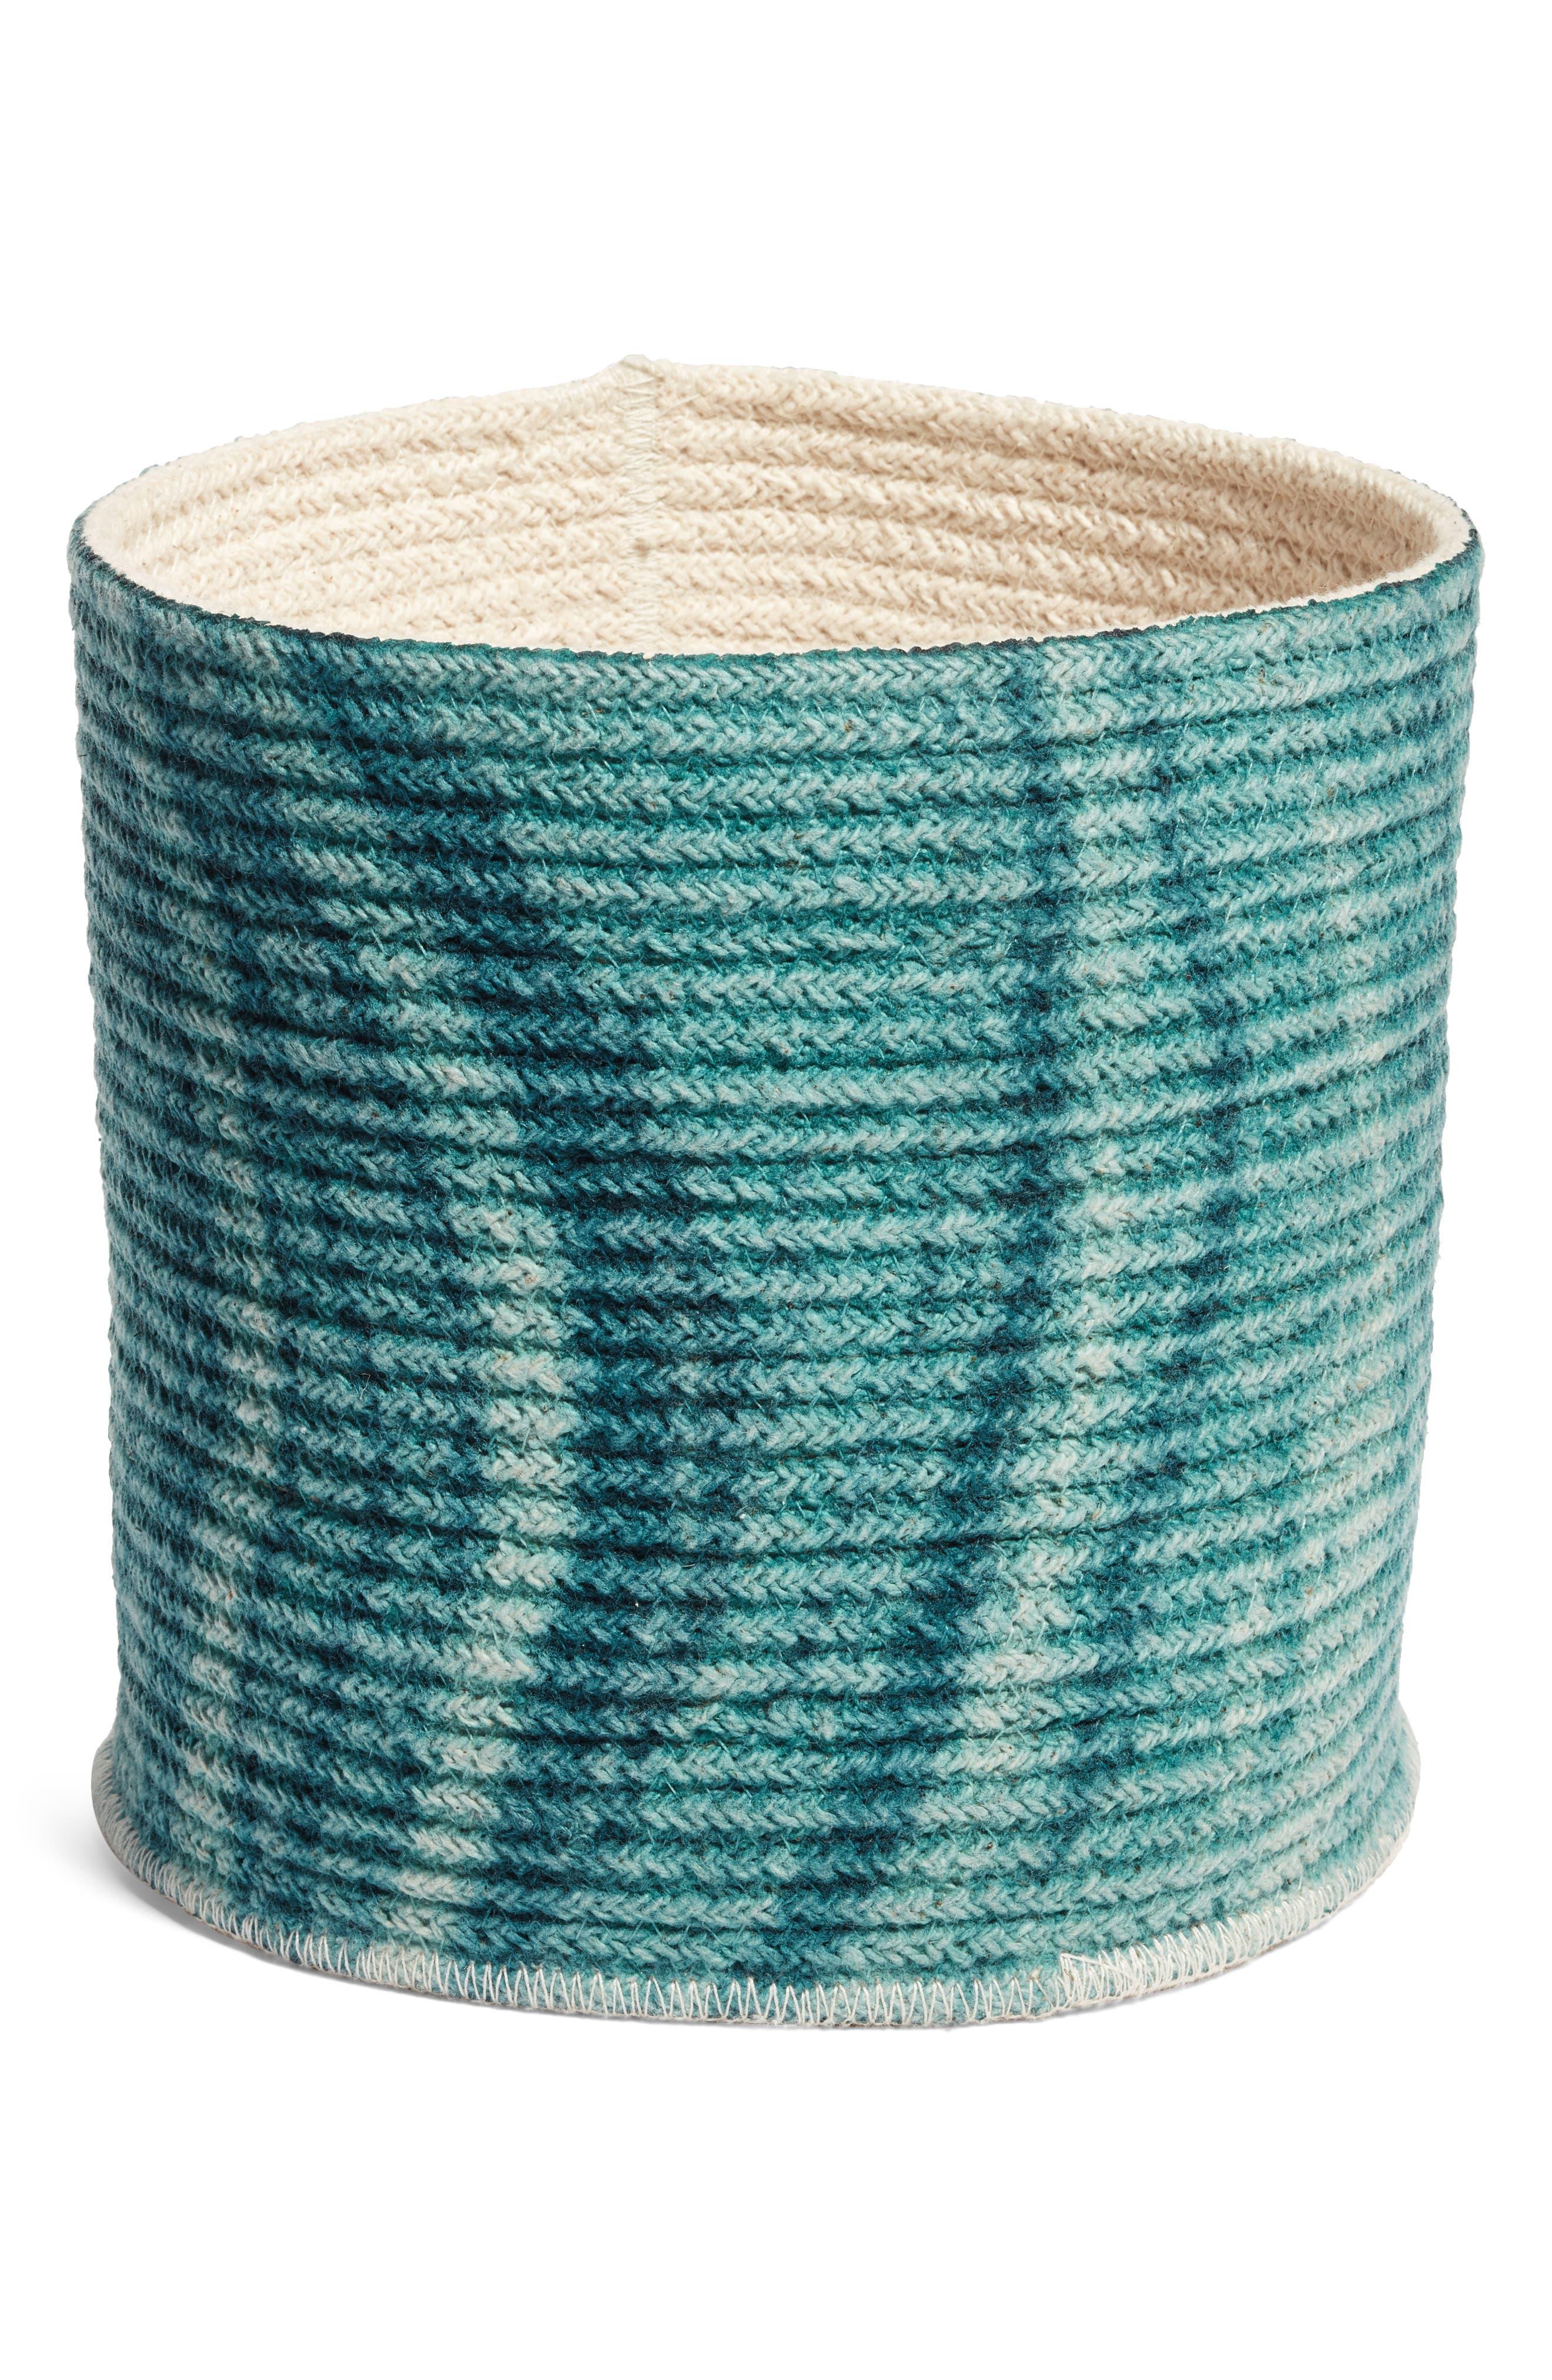 Oceana Woven Basket,                             Main thumbnail 1, color,                             Teal Hydro